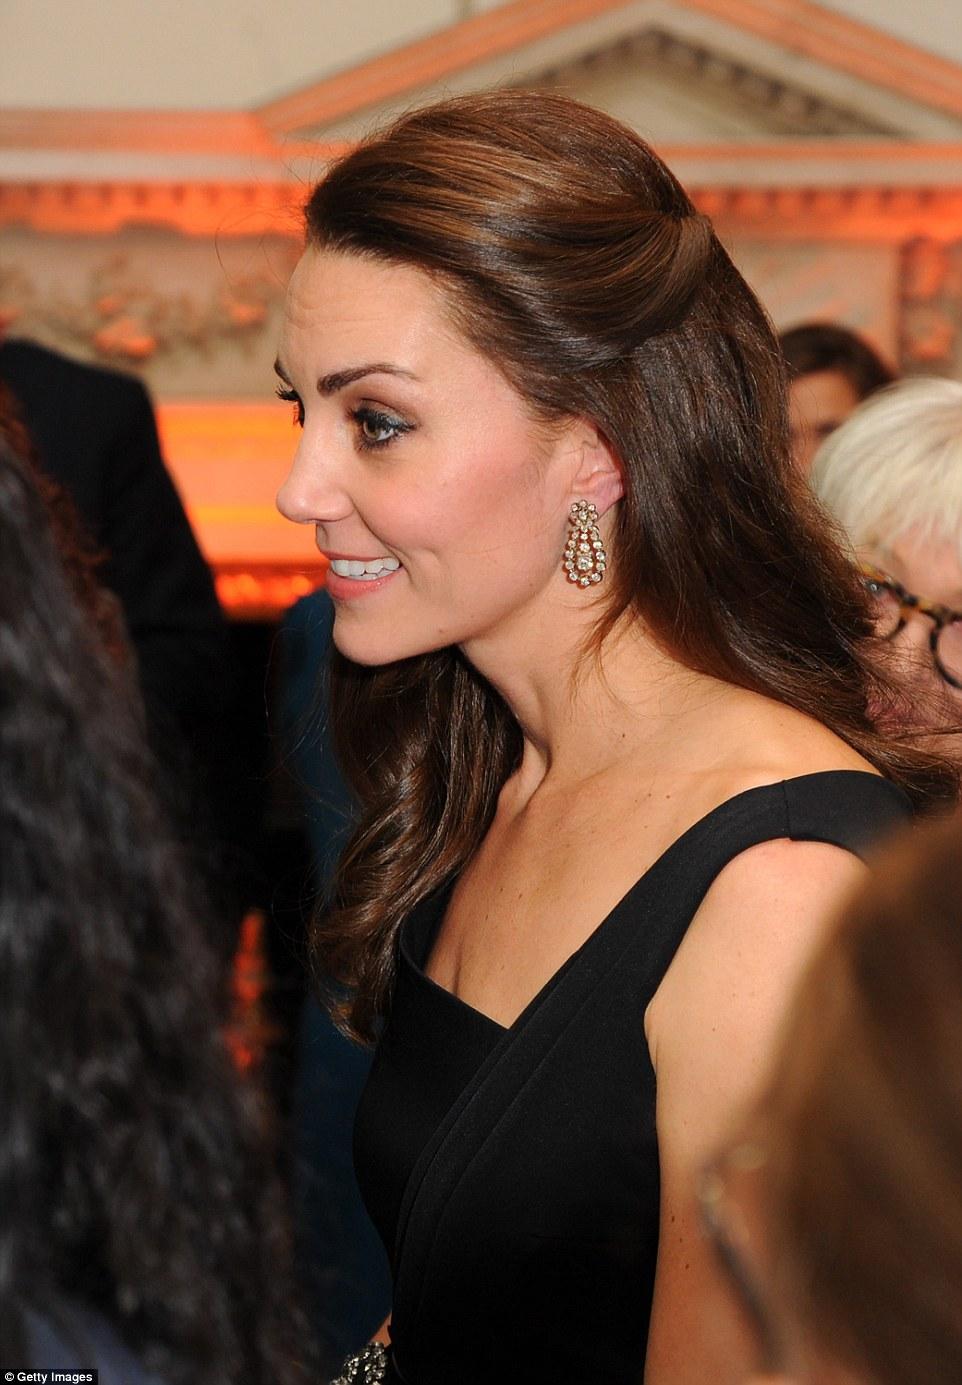 Công nương Kate cũng như chúng mình, mê váy áo quá thì mua tận mấy màu về mặc dần thôi... - Ảnh 2.